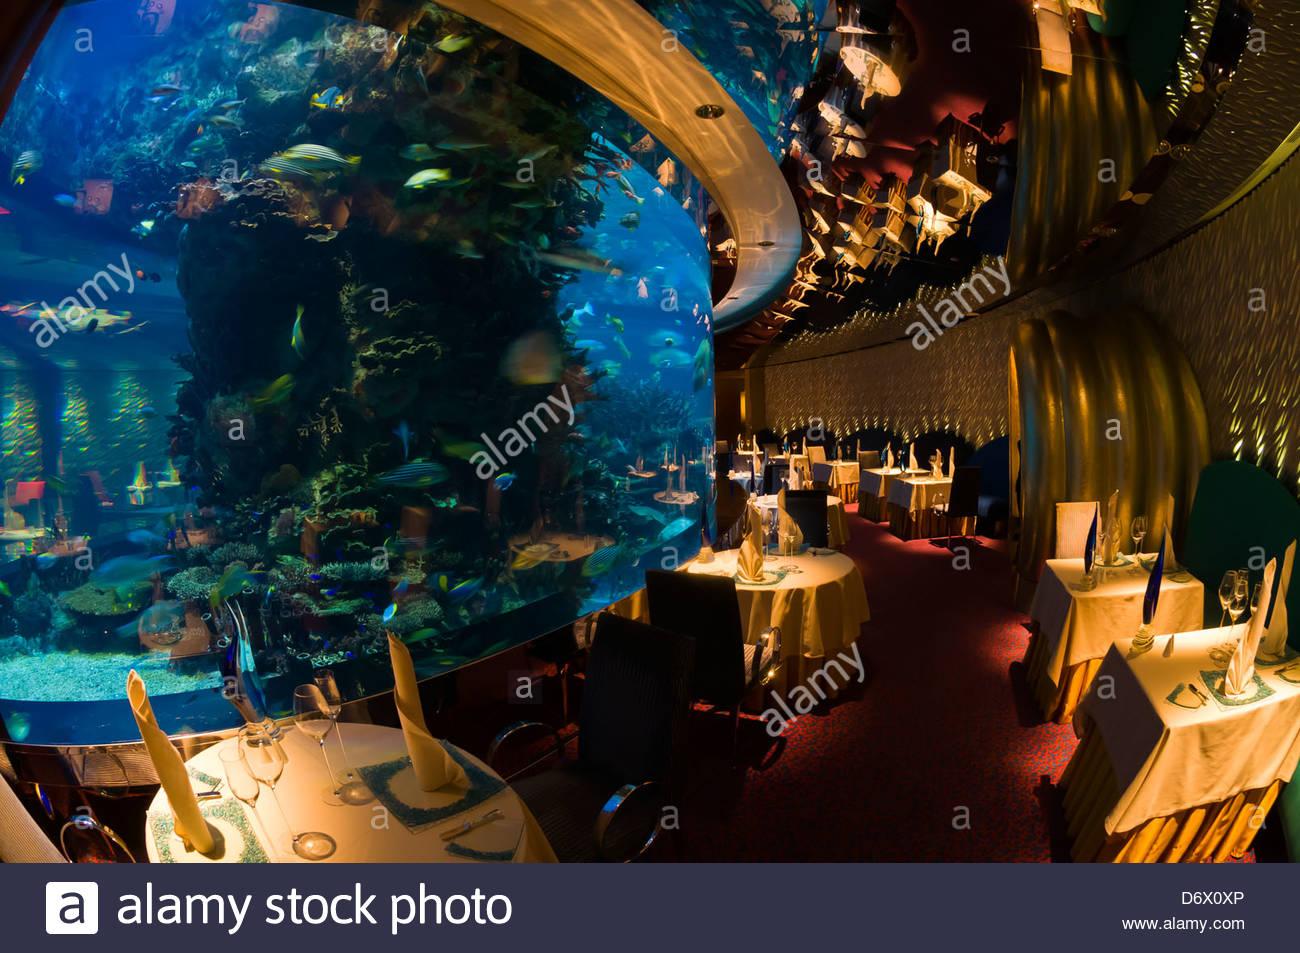 The Underwater Themed Al Mahara Restaurant In The Burj Al